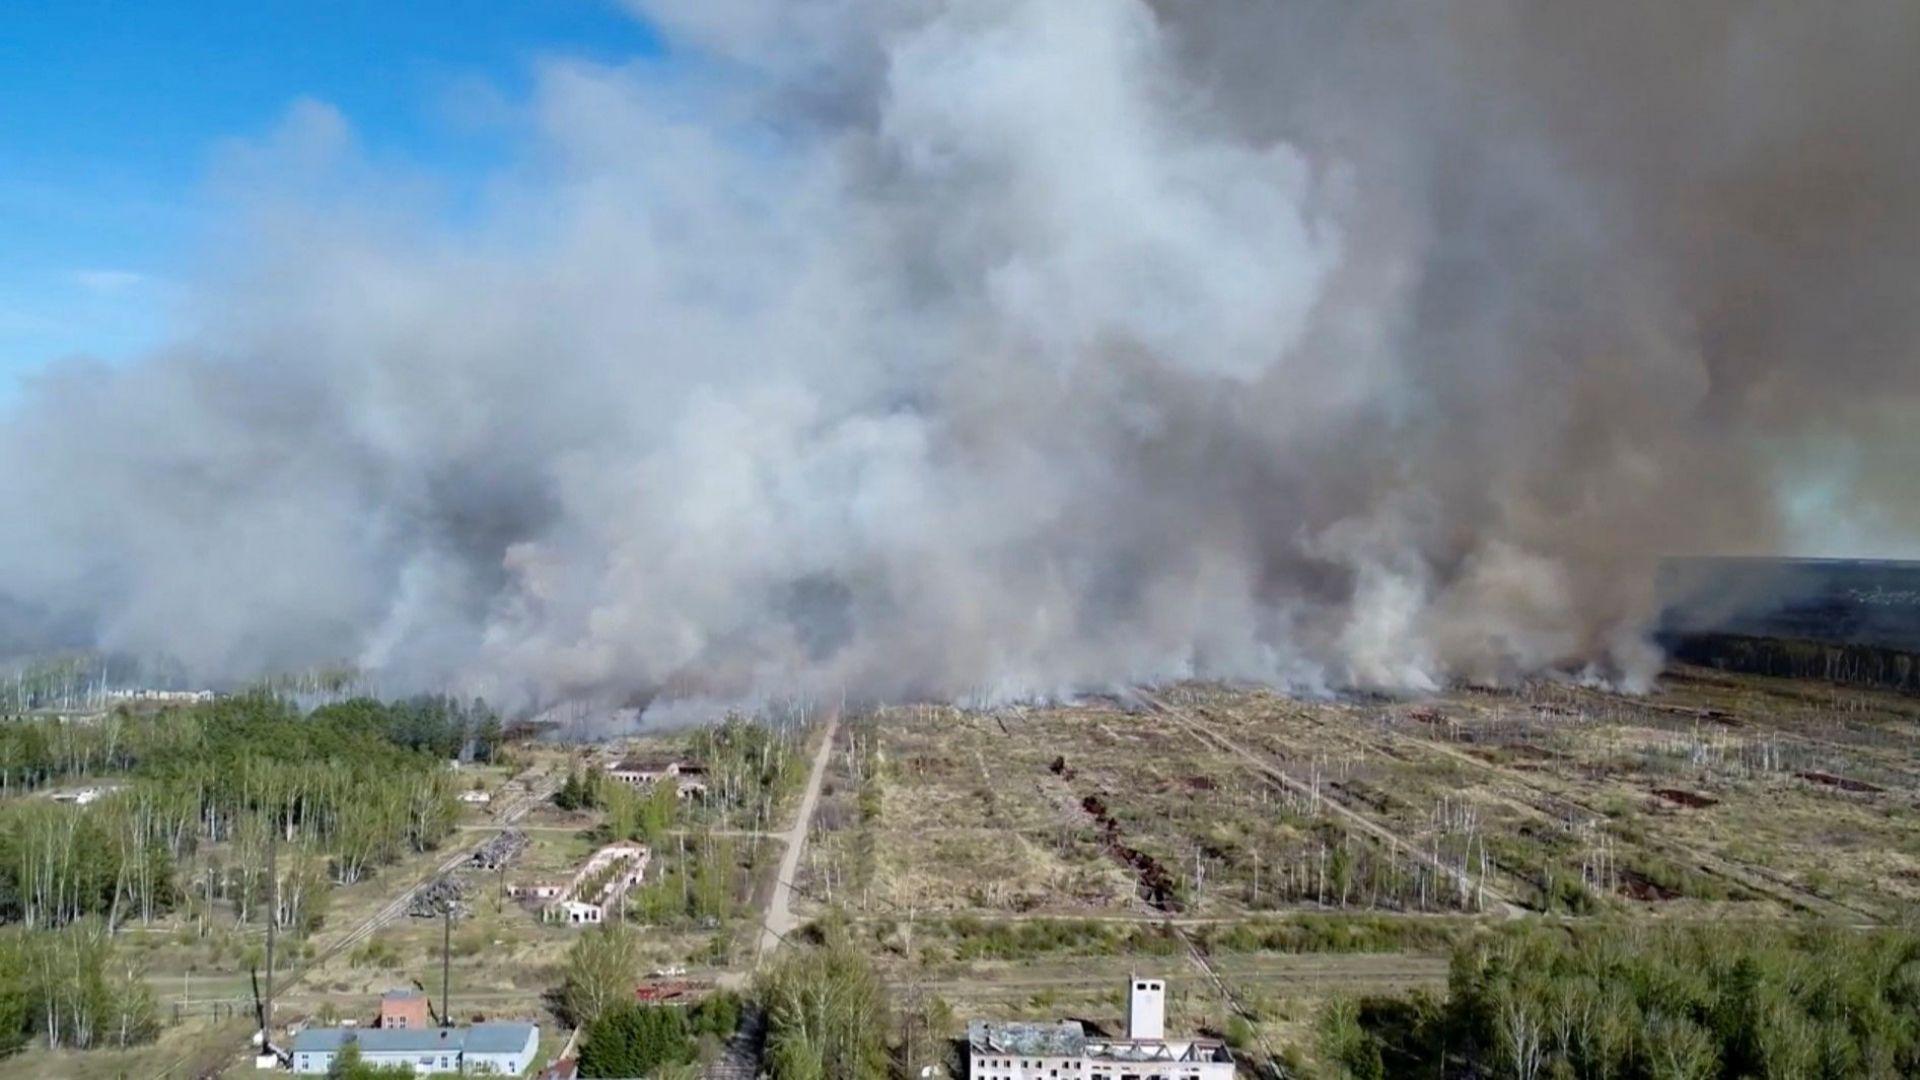 Хиляди евакуирани от руски град заради пожар и взривове в склад за боеприпаси